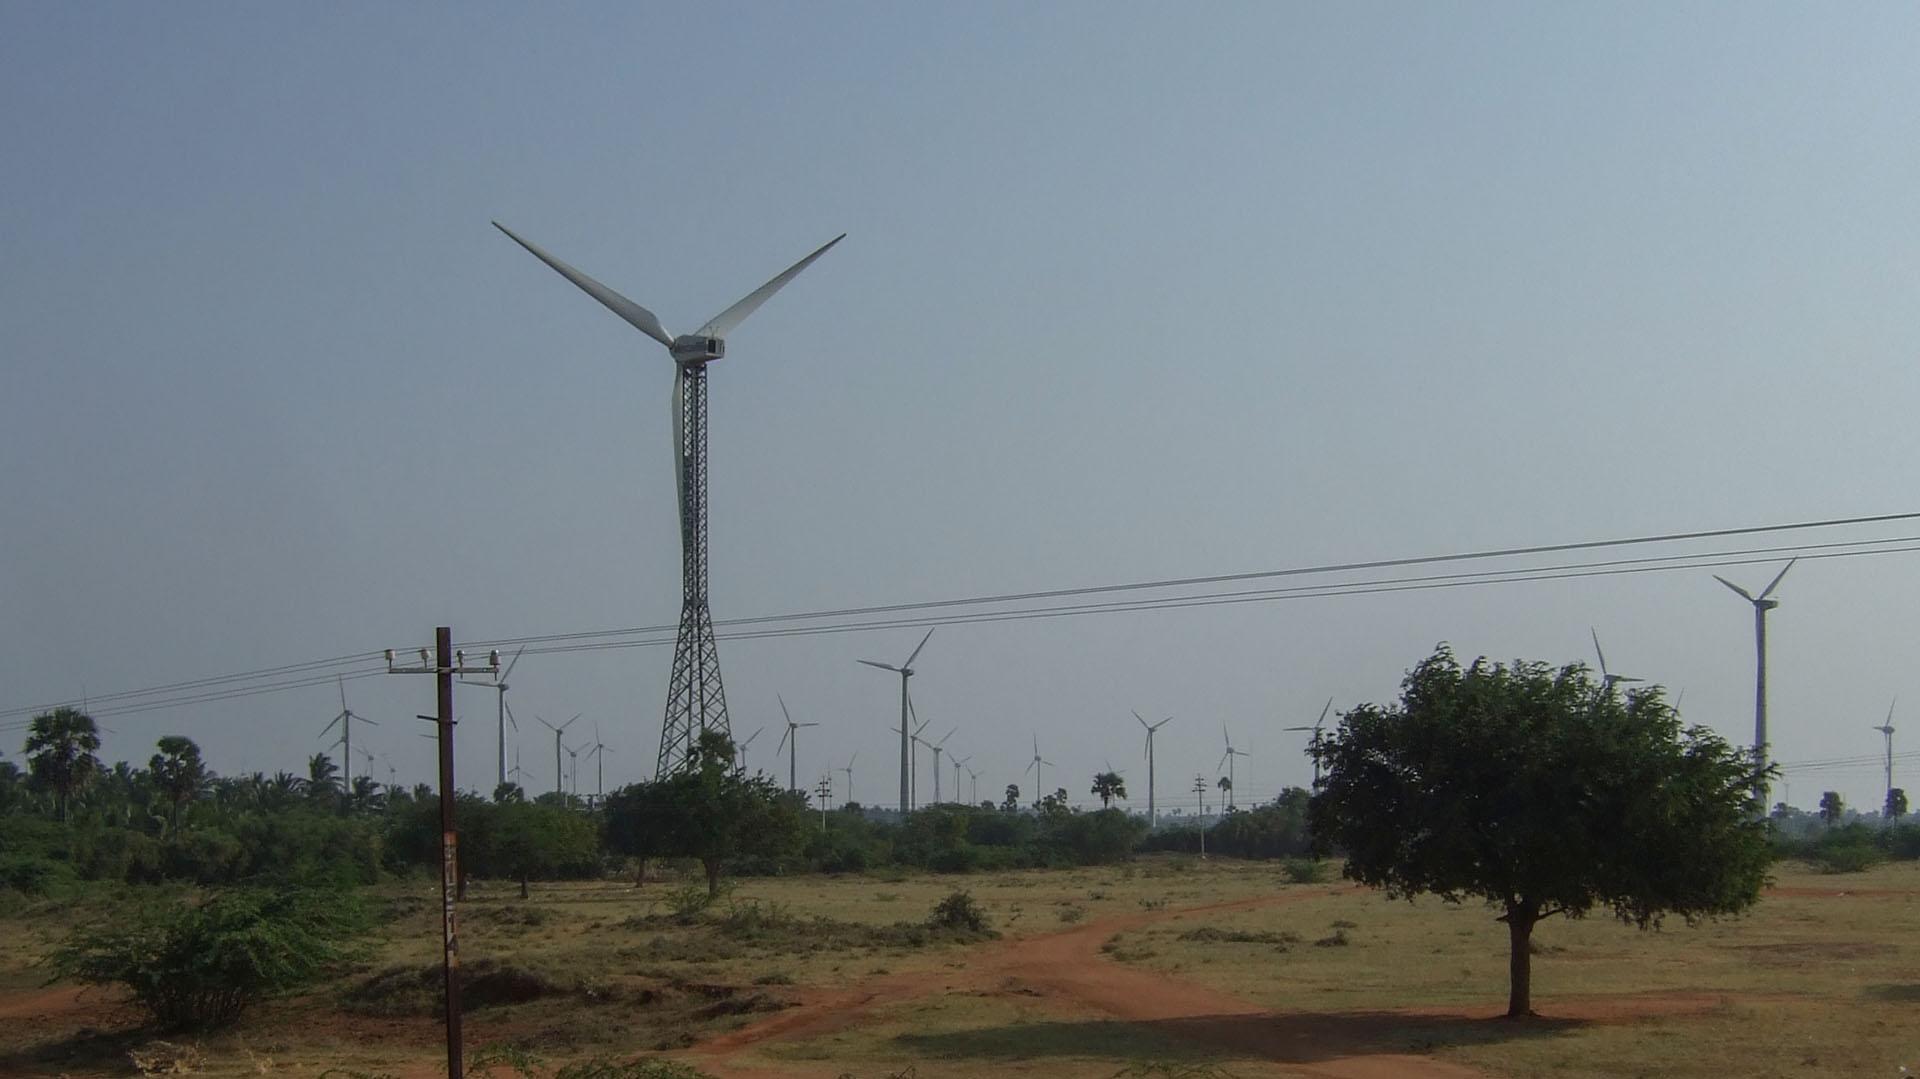 Rüzgar jenaratörleri